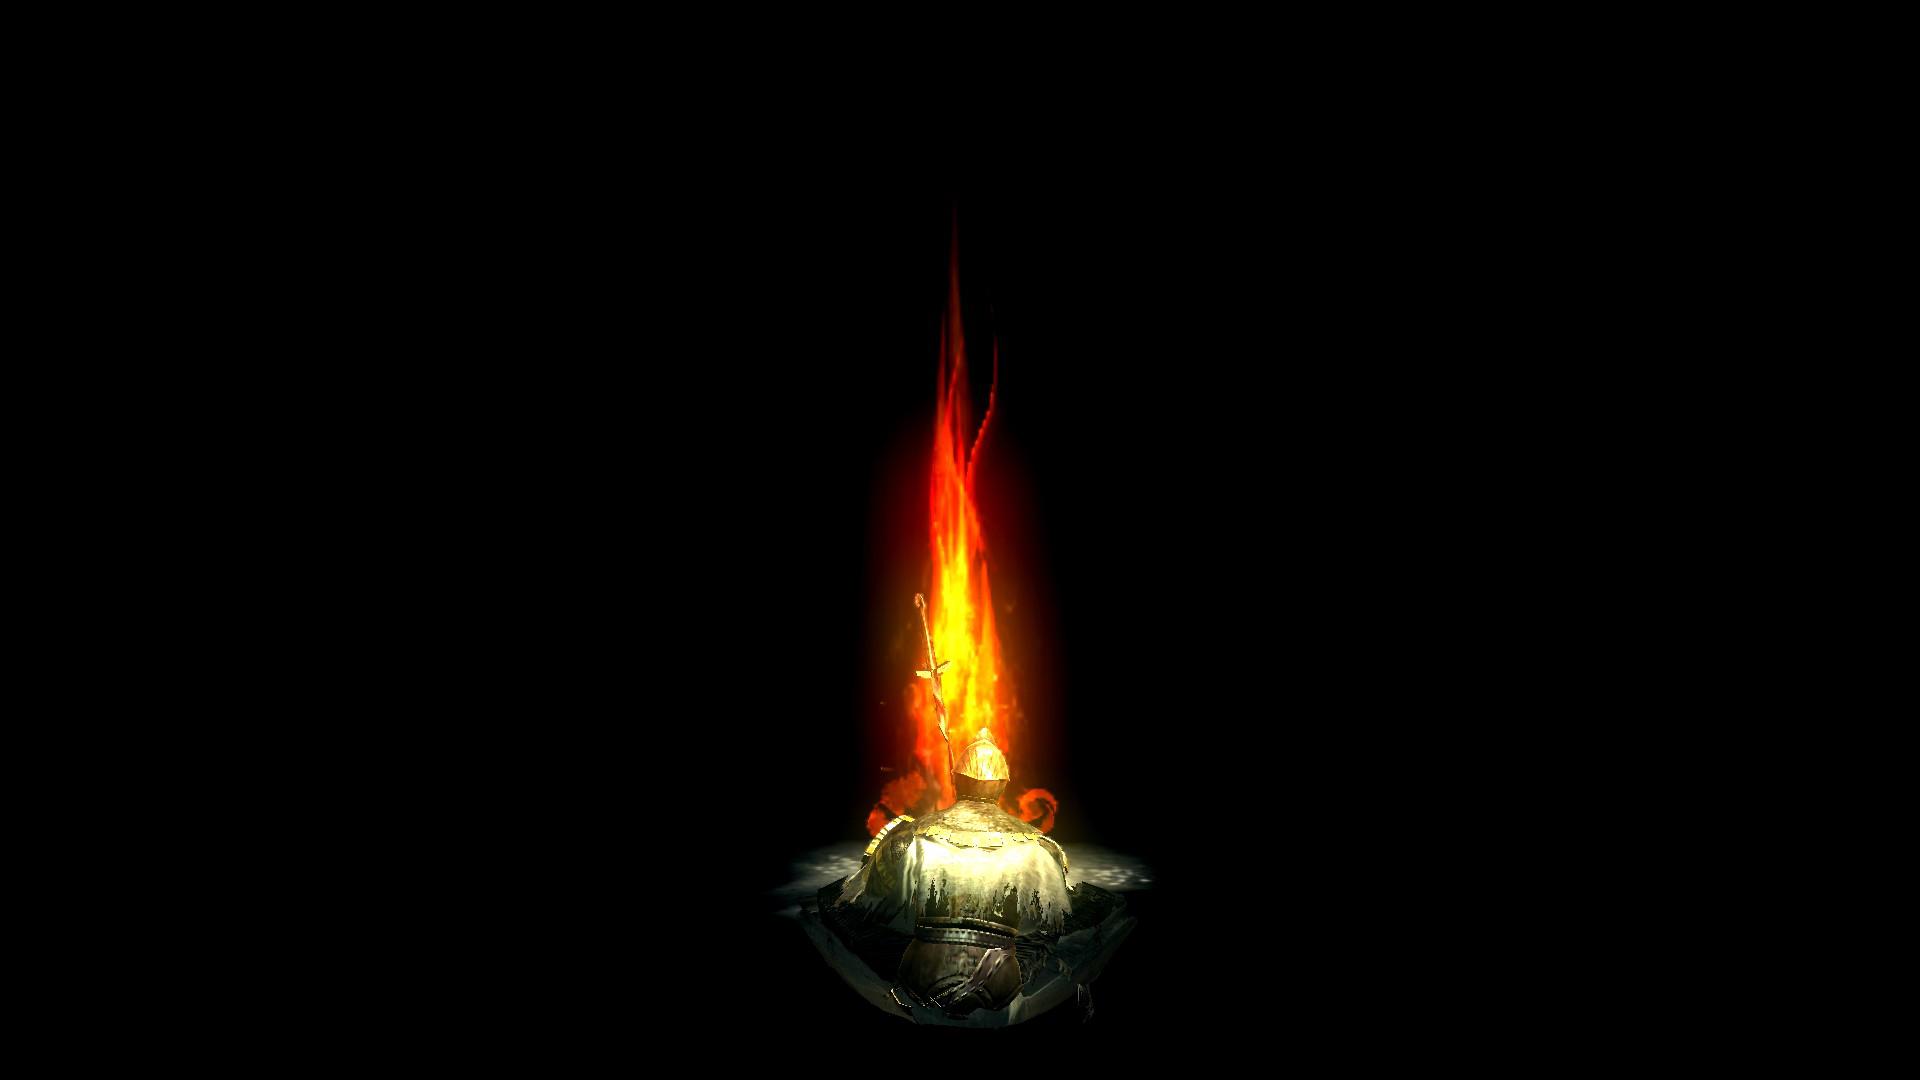 Reuben And The Dark Funeral Sky